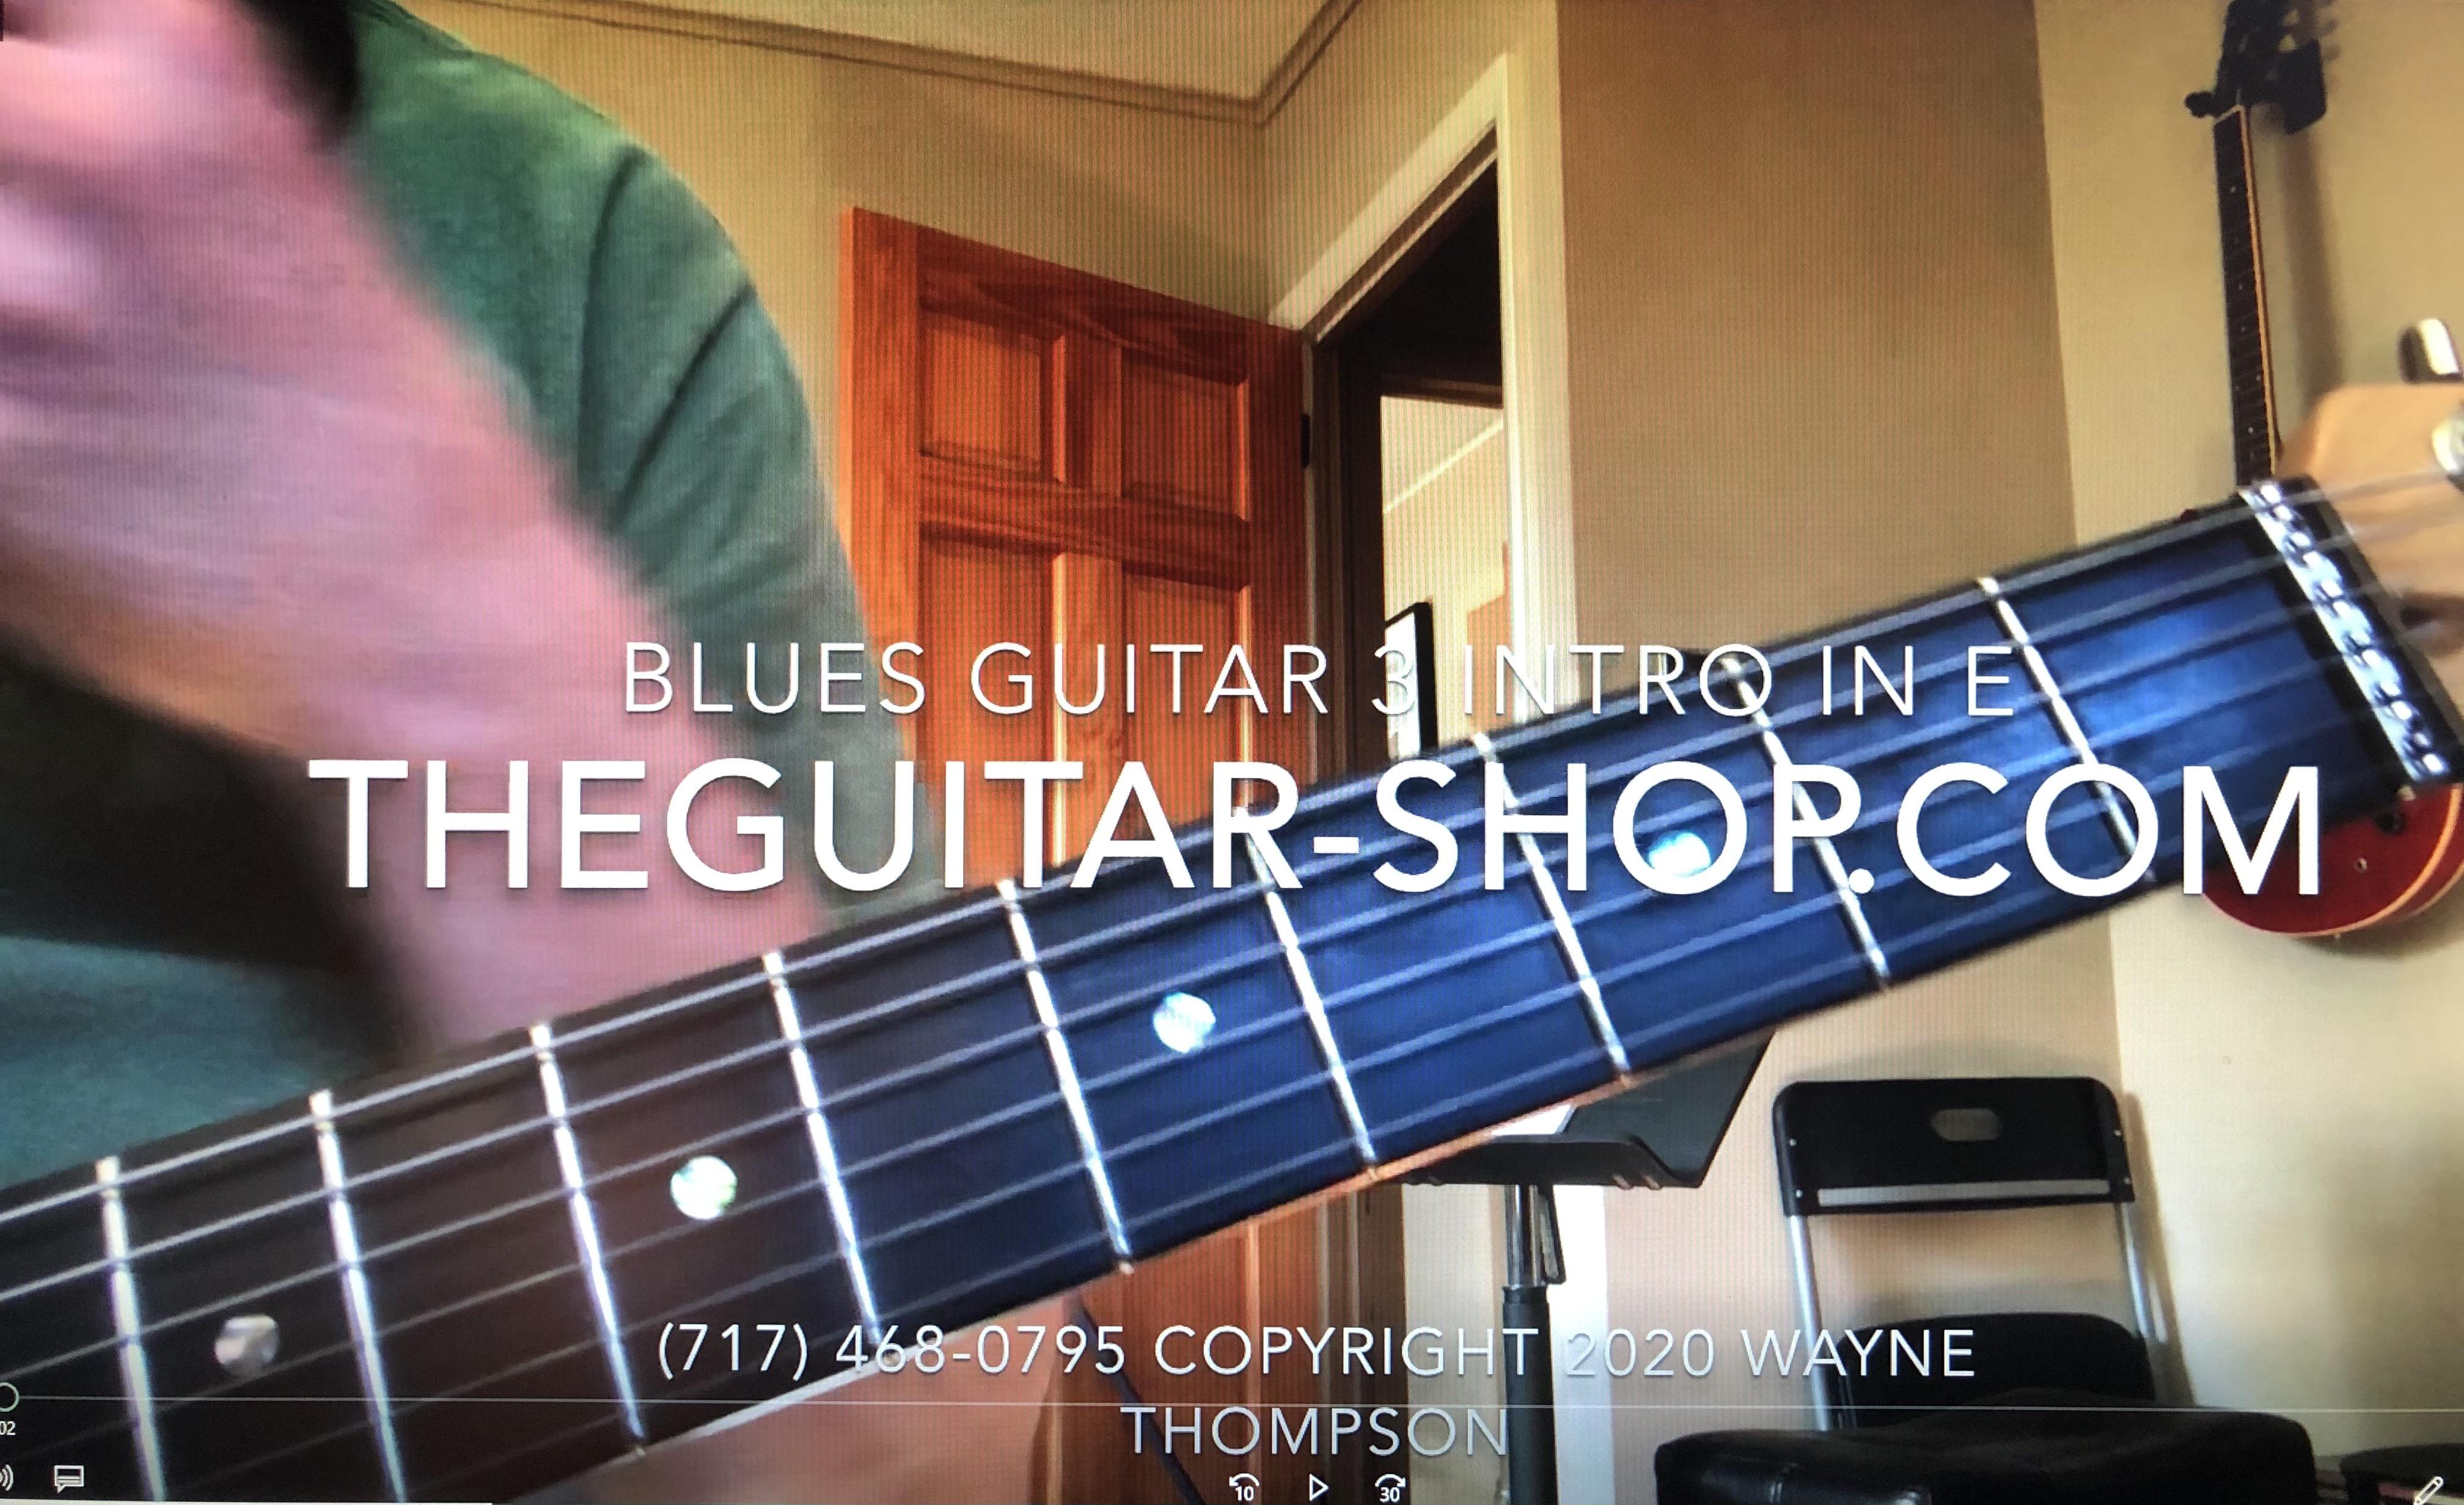 https://0201.nccdn.net/1_2/000/000/0a7/bd7/blues-guitar-intro-ss.jpg